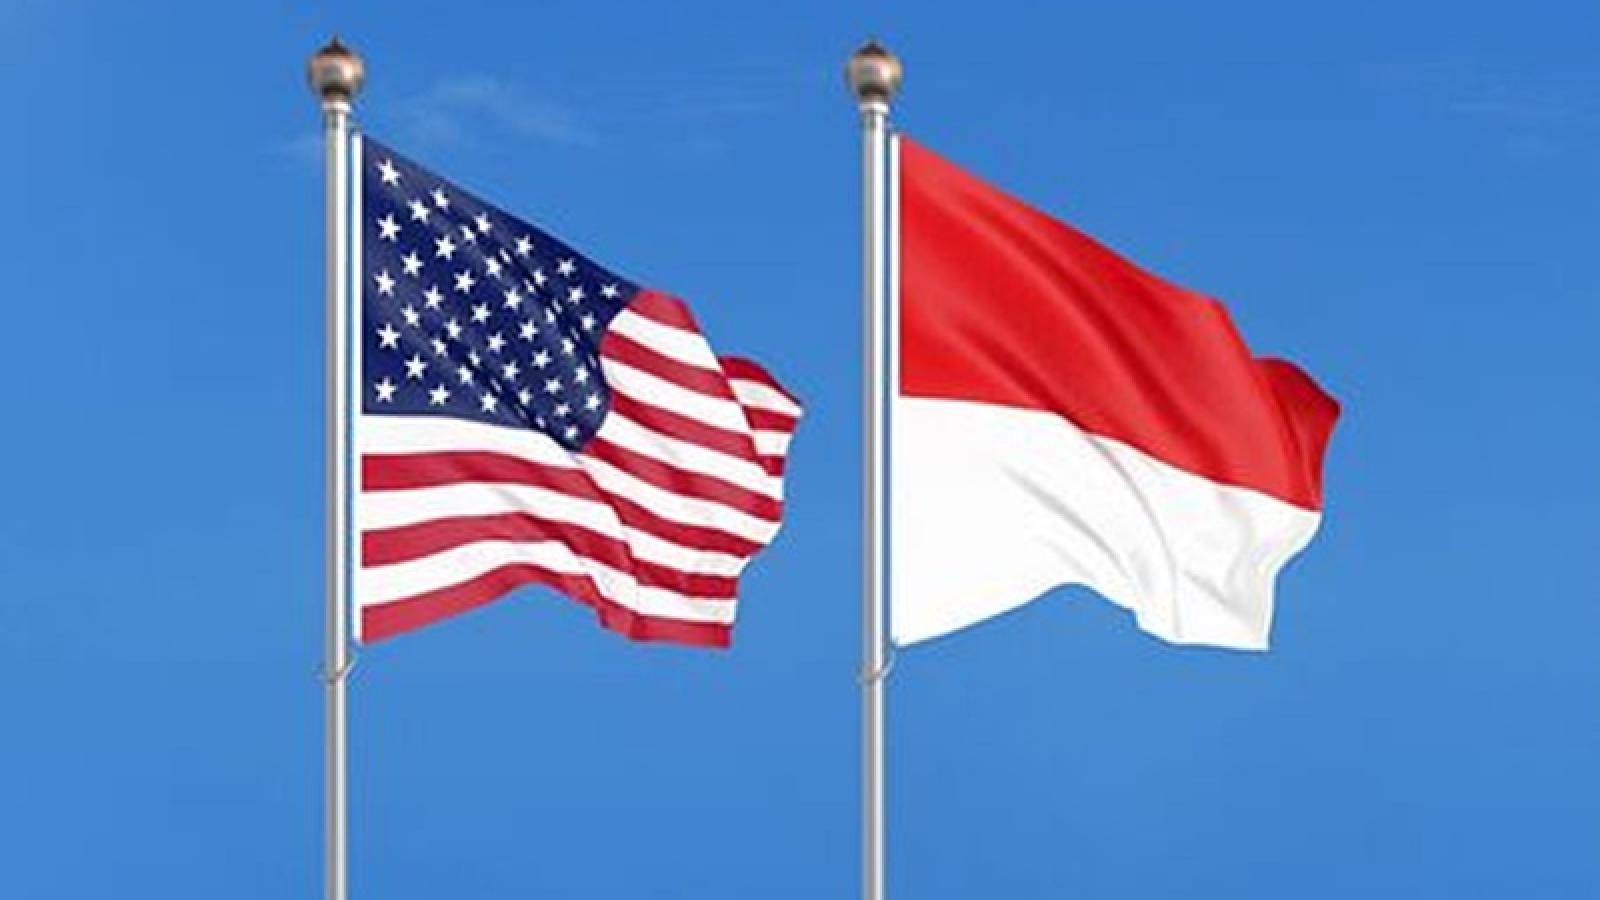 Chiến thắng của ứng viên Joe Biden tác động thế nào lên quan hệ Mỹ-Indonesia?